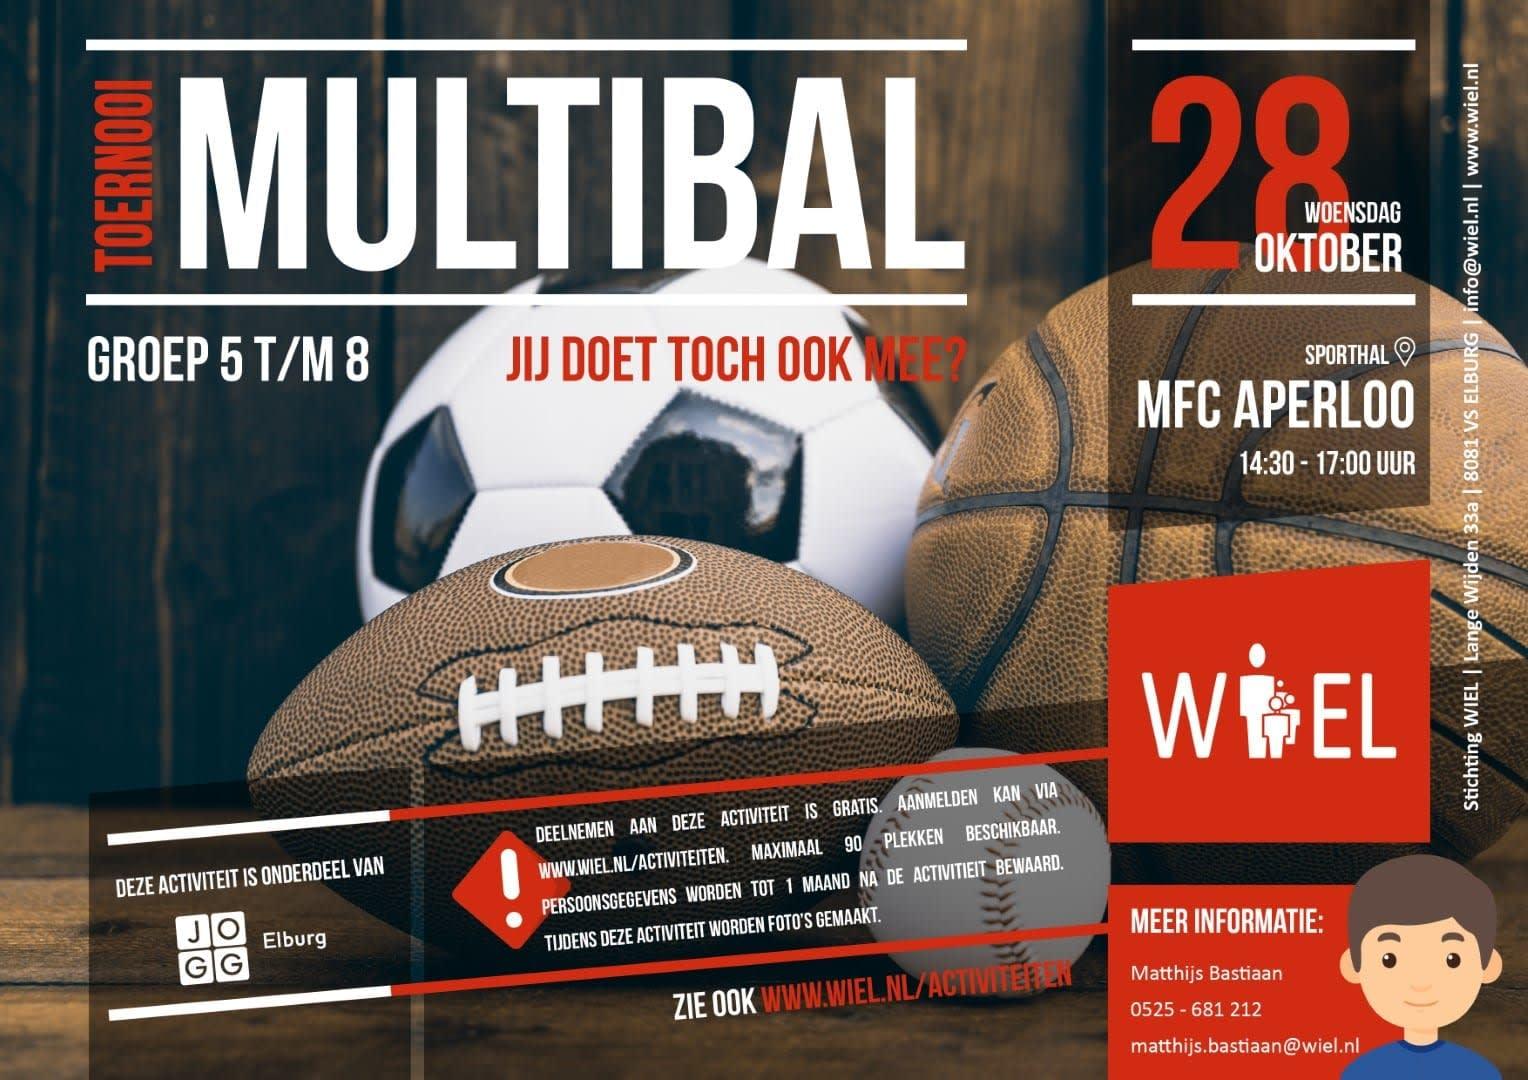 Multibal Toernooi - Stichting WIEL